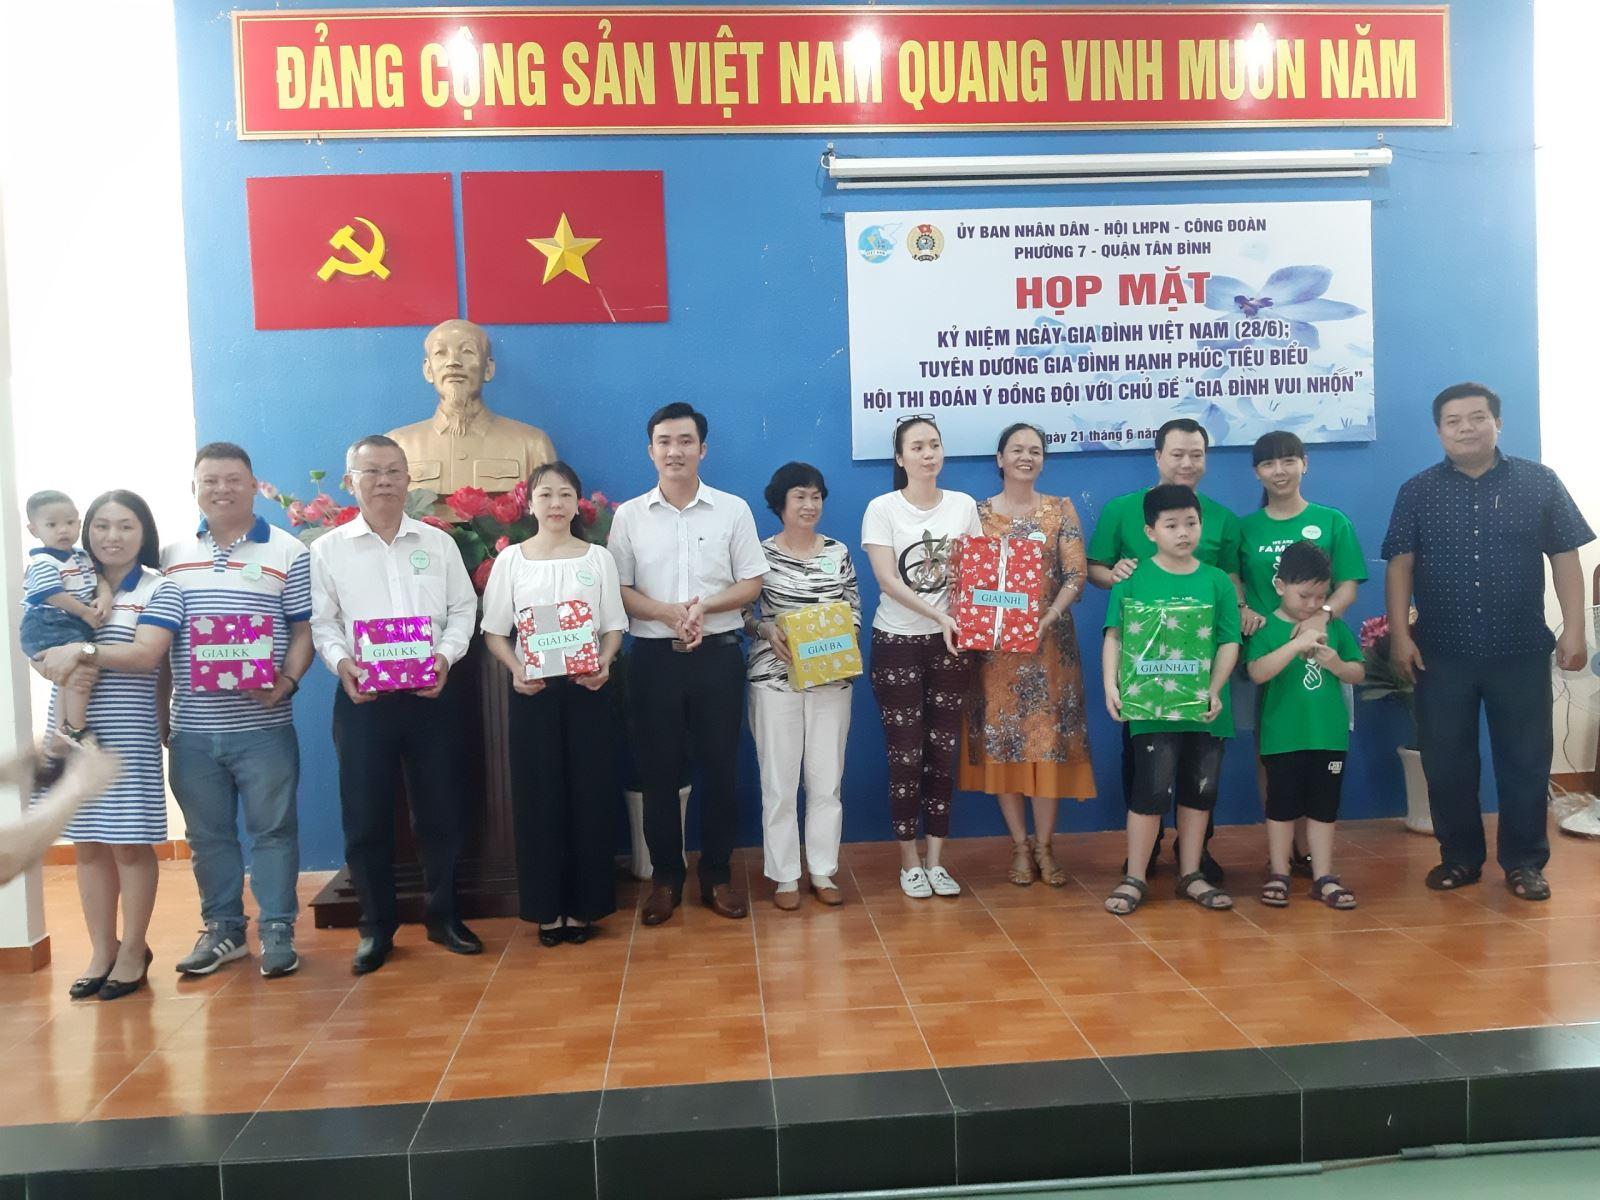 Phường 7: Tổ chức các hoạt động kỷ niệm Ngày Gia đình Việt Nam (28/6)